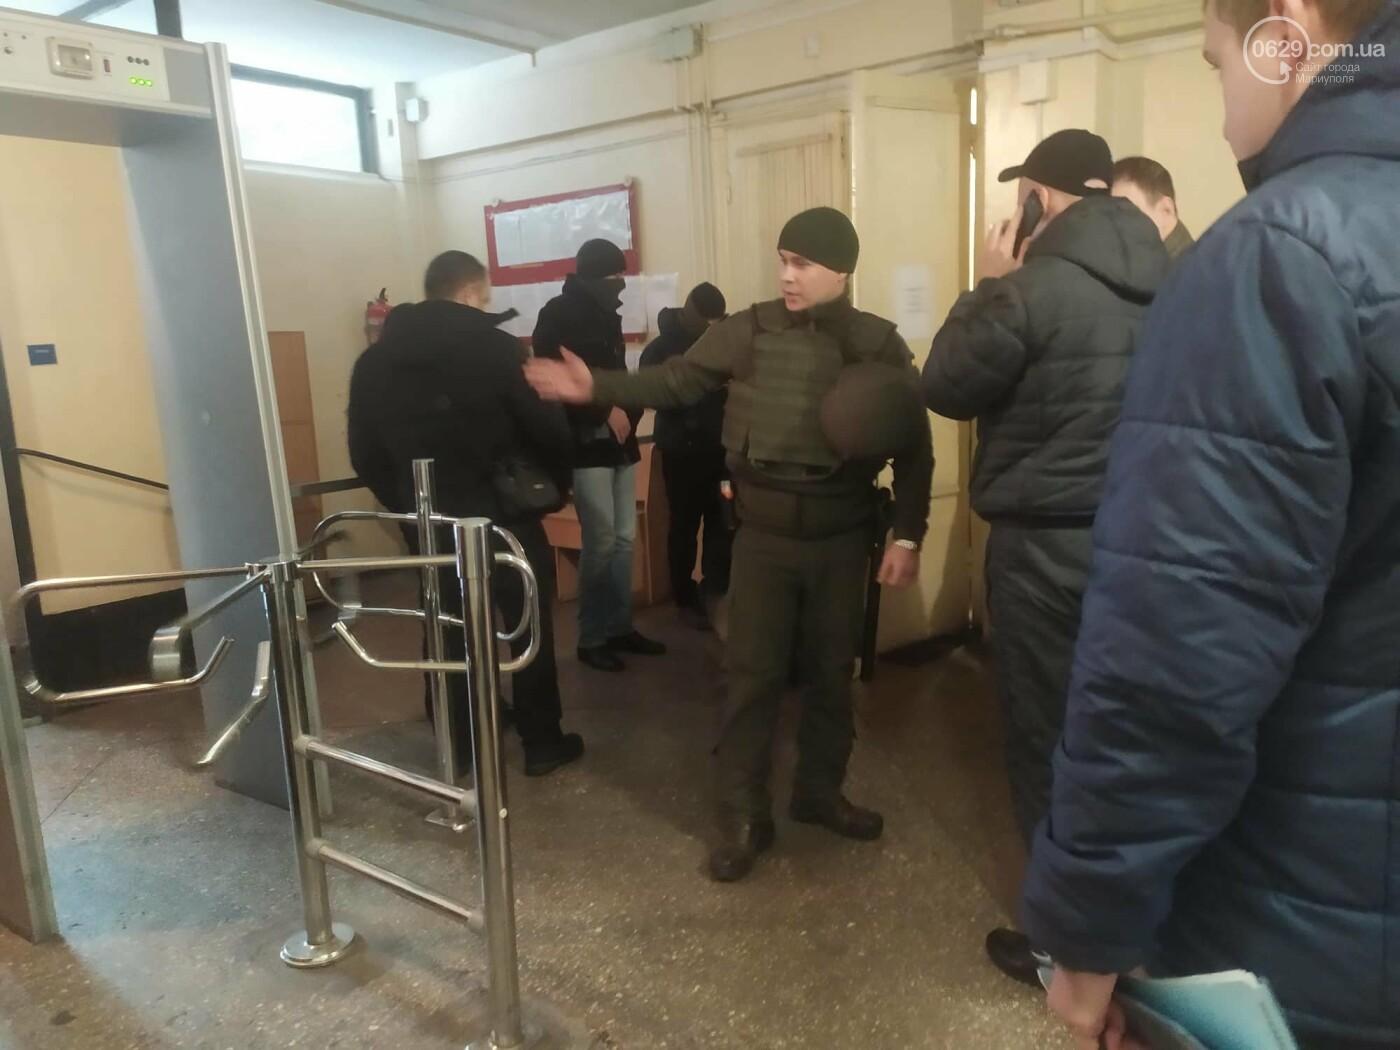 Четверку из банды Мангуста, захвативших Мариупольское ГУВД 9 мая 2014 года, обменяют на украинских заложников Кремля, фото-4